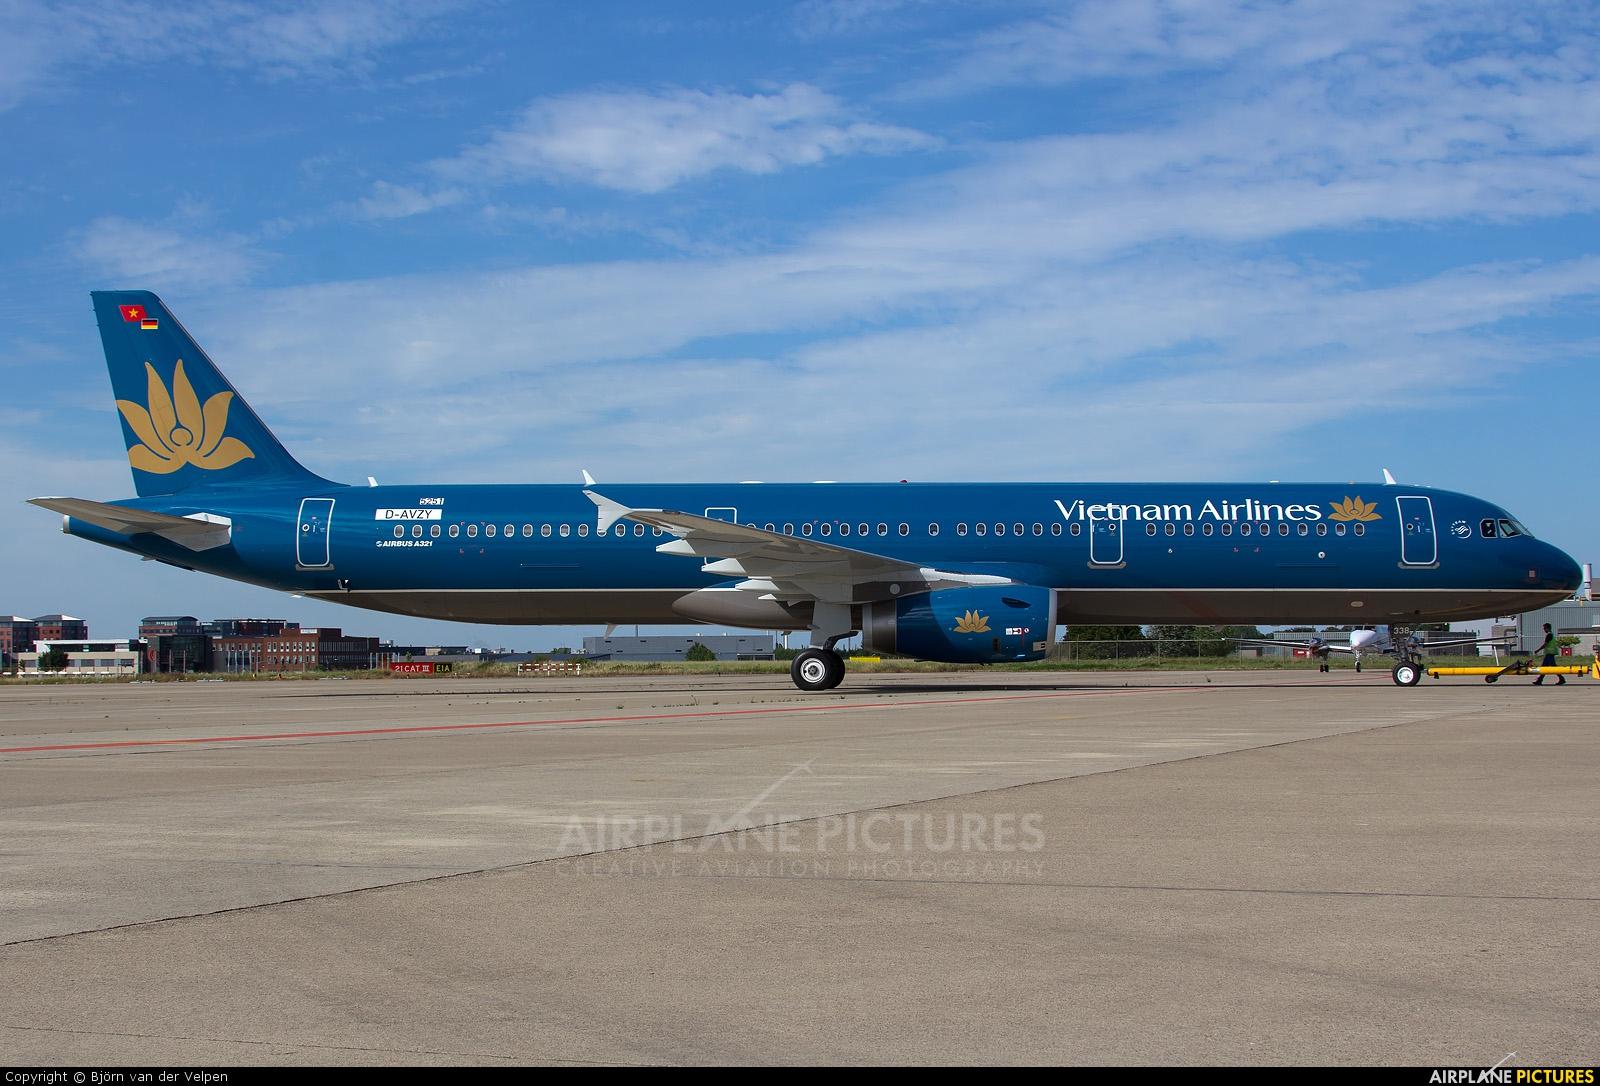 Vietnam Airlines D-AVZY aircraft at Maastricht - Aachen